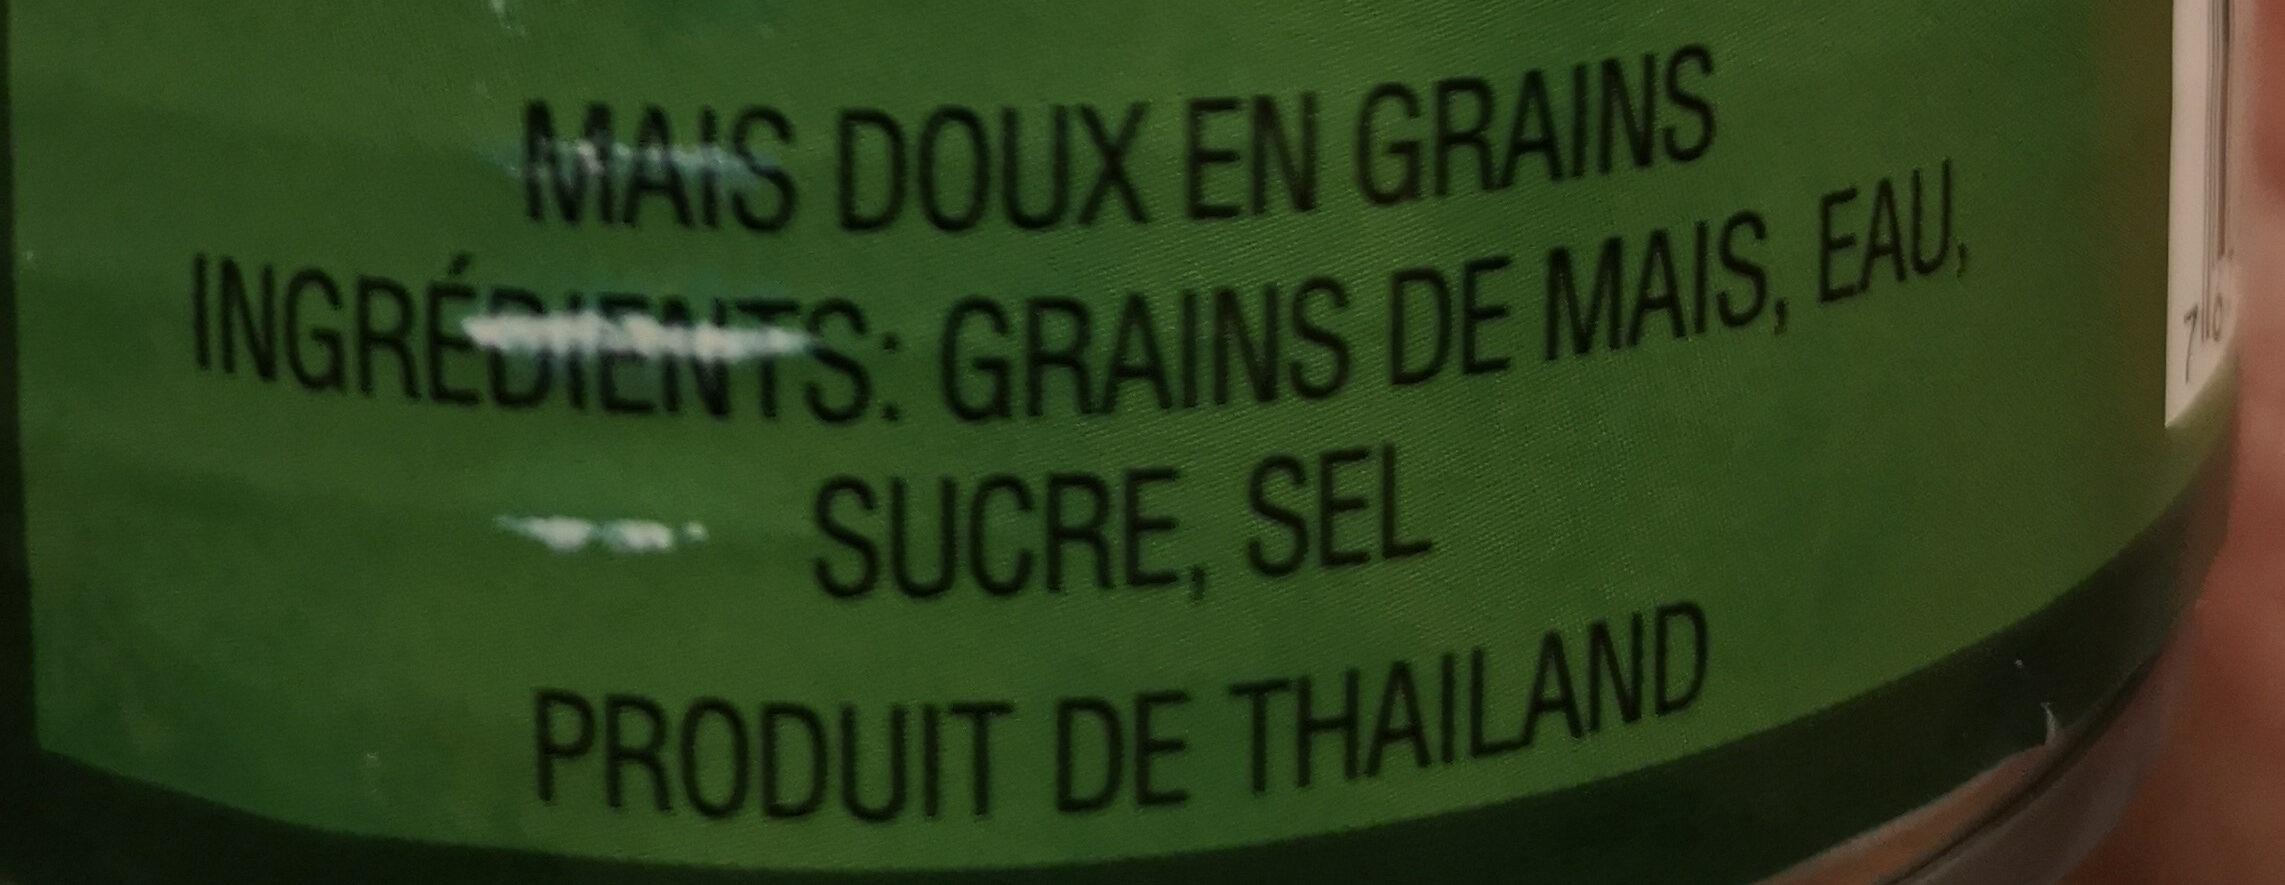 mais doux en grains - Ingrédients